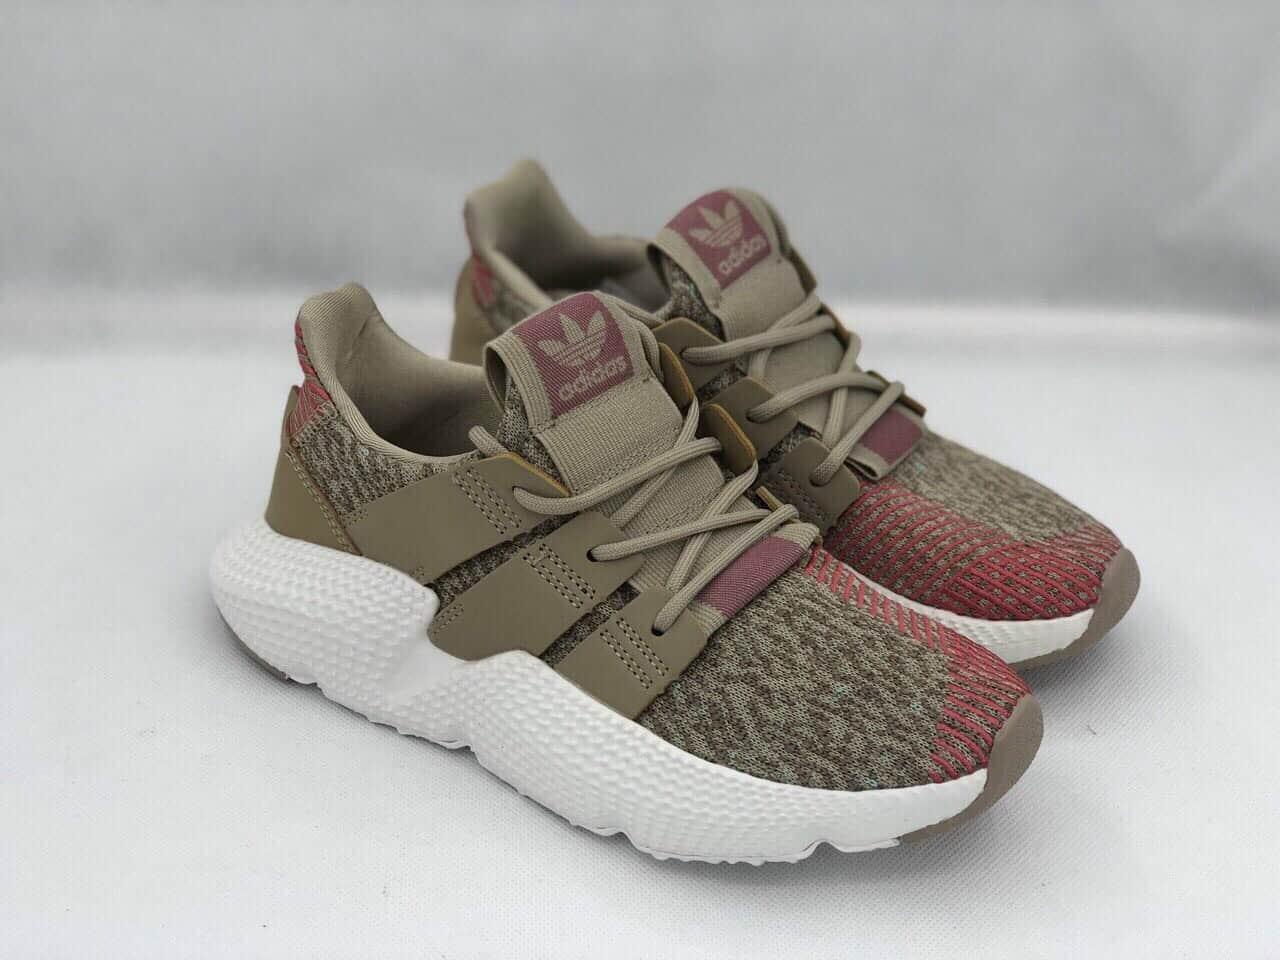 Các sản phẩm giày Sneaker Xshop New là hàng superfake, Rep